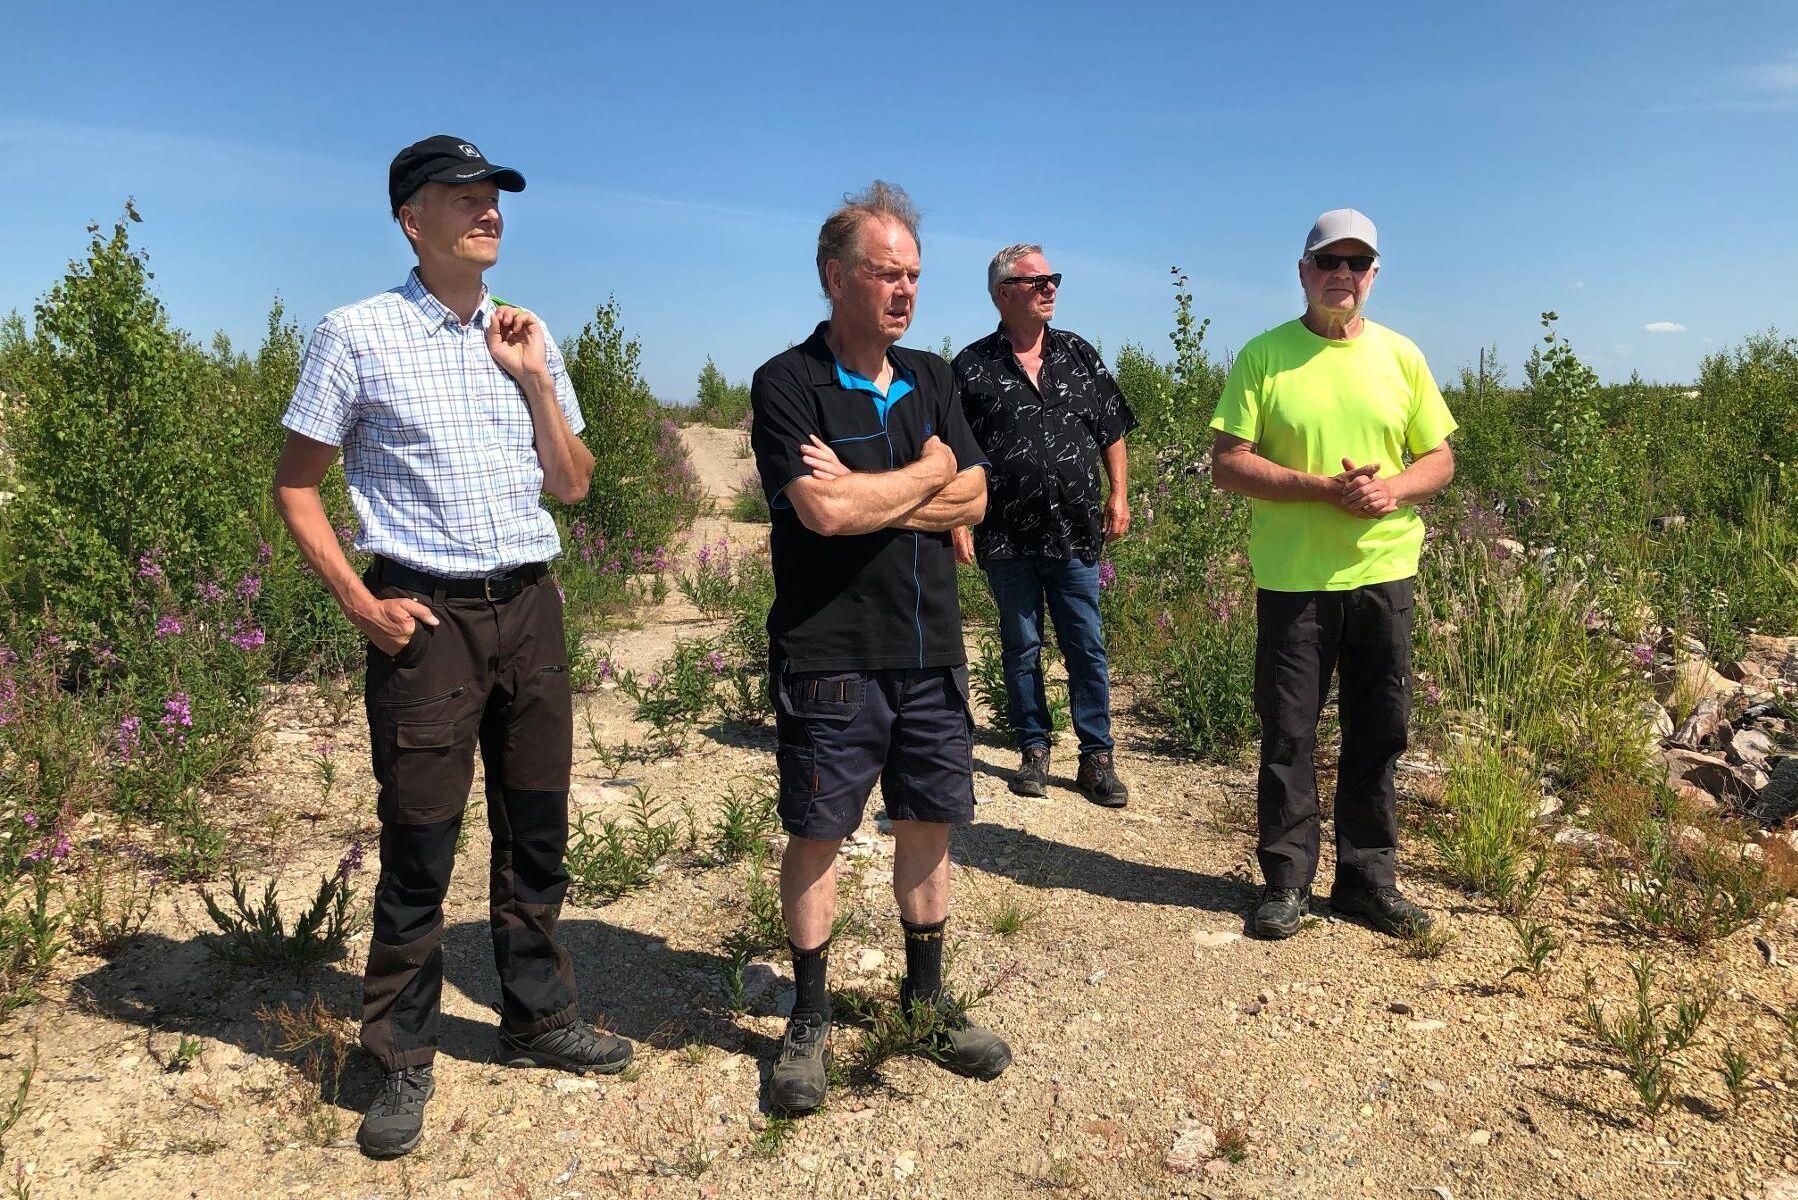 Thomas Claesson, ordförande i Mellanskogs skogsbruksområde i Västmanland, Lennart Westerdahl, Mellanskogs representant i älgförvaltningsgruppen där brandområdet ingår samt skogsägarna Jan Hörnskog och Lars Stolpe.